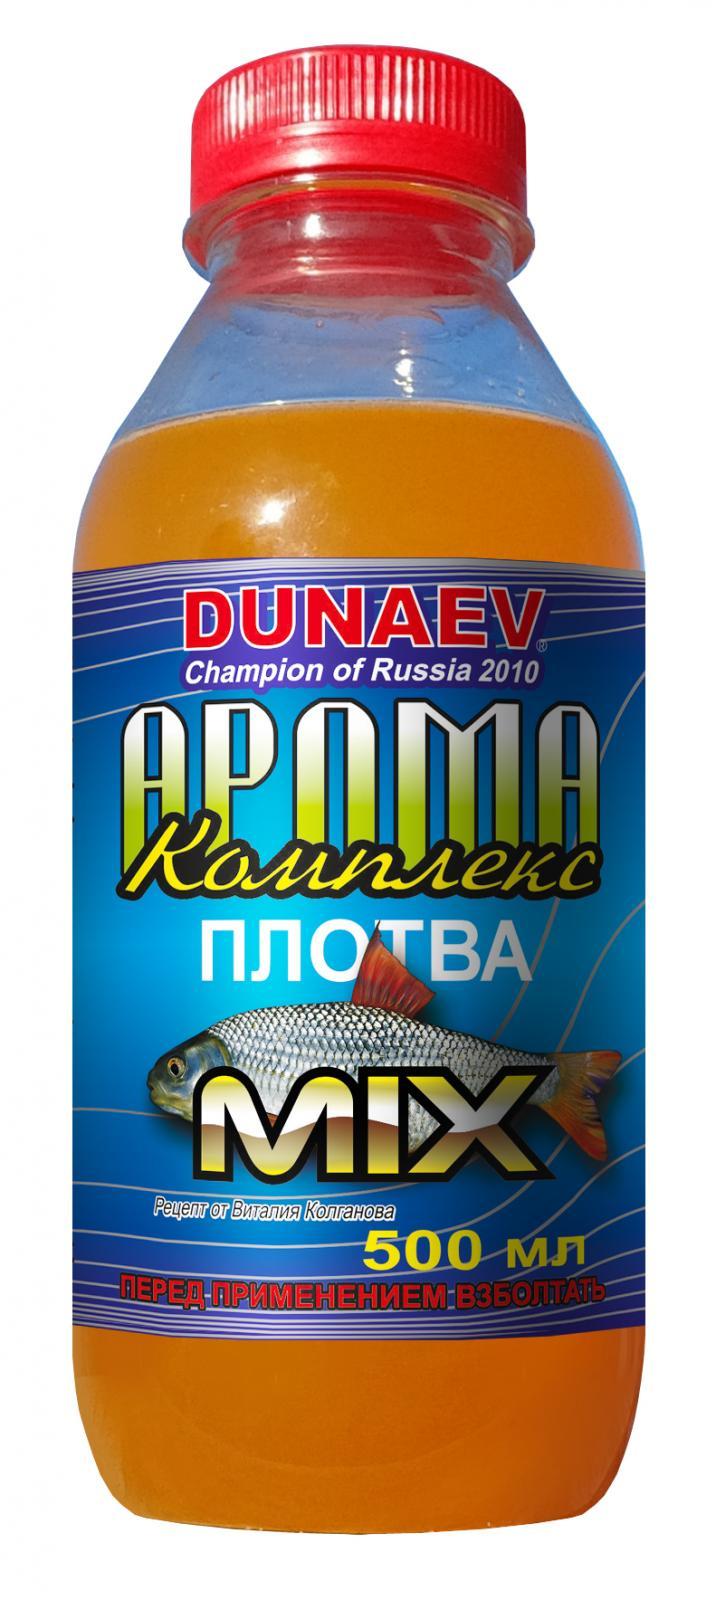 авторские рецепты с прикормками dunaev от алексея